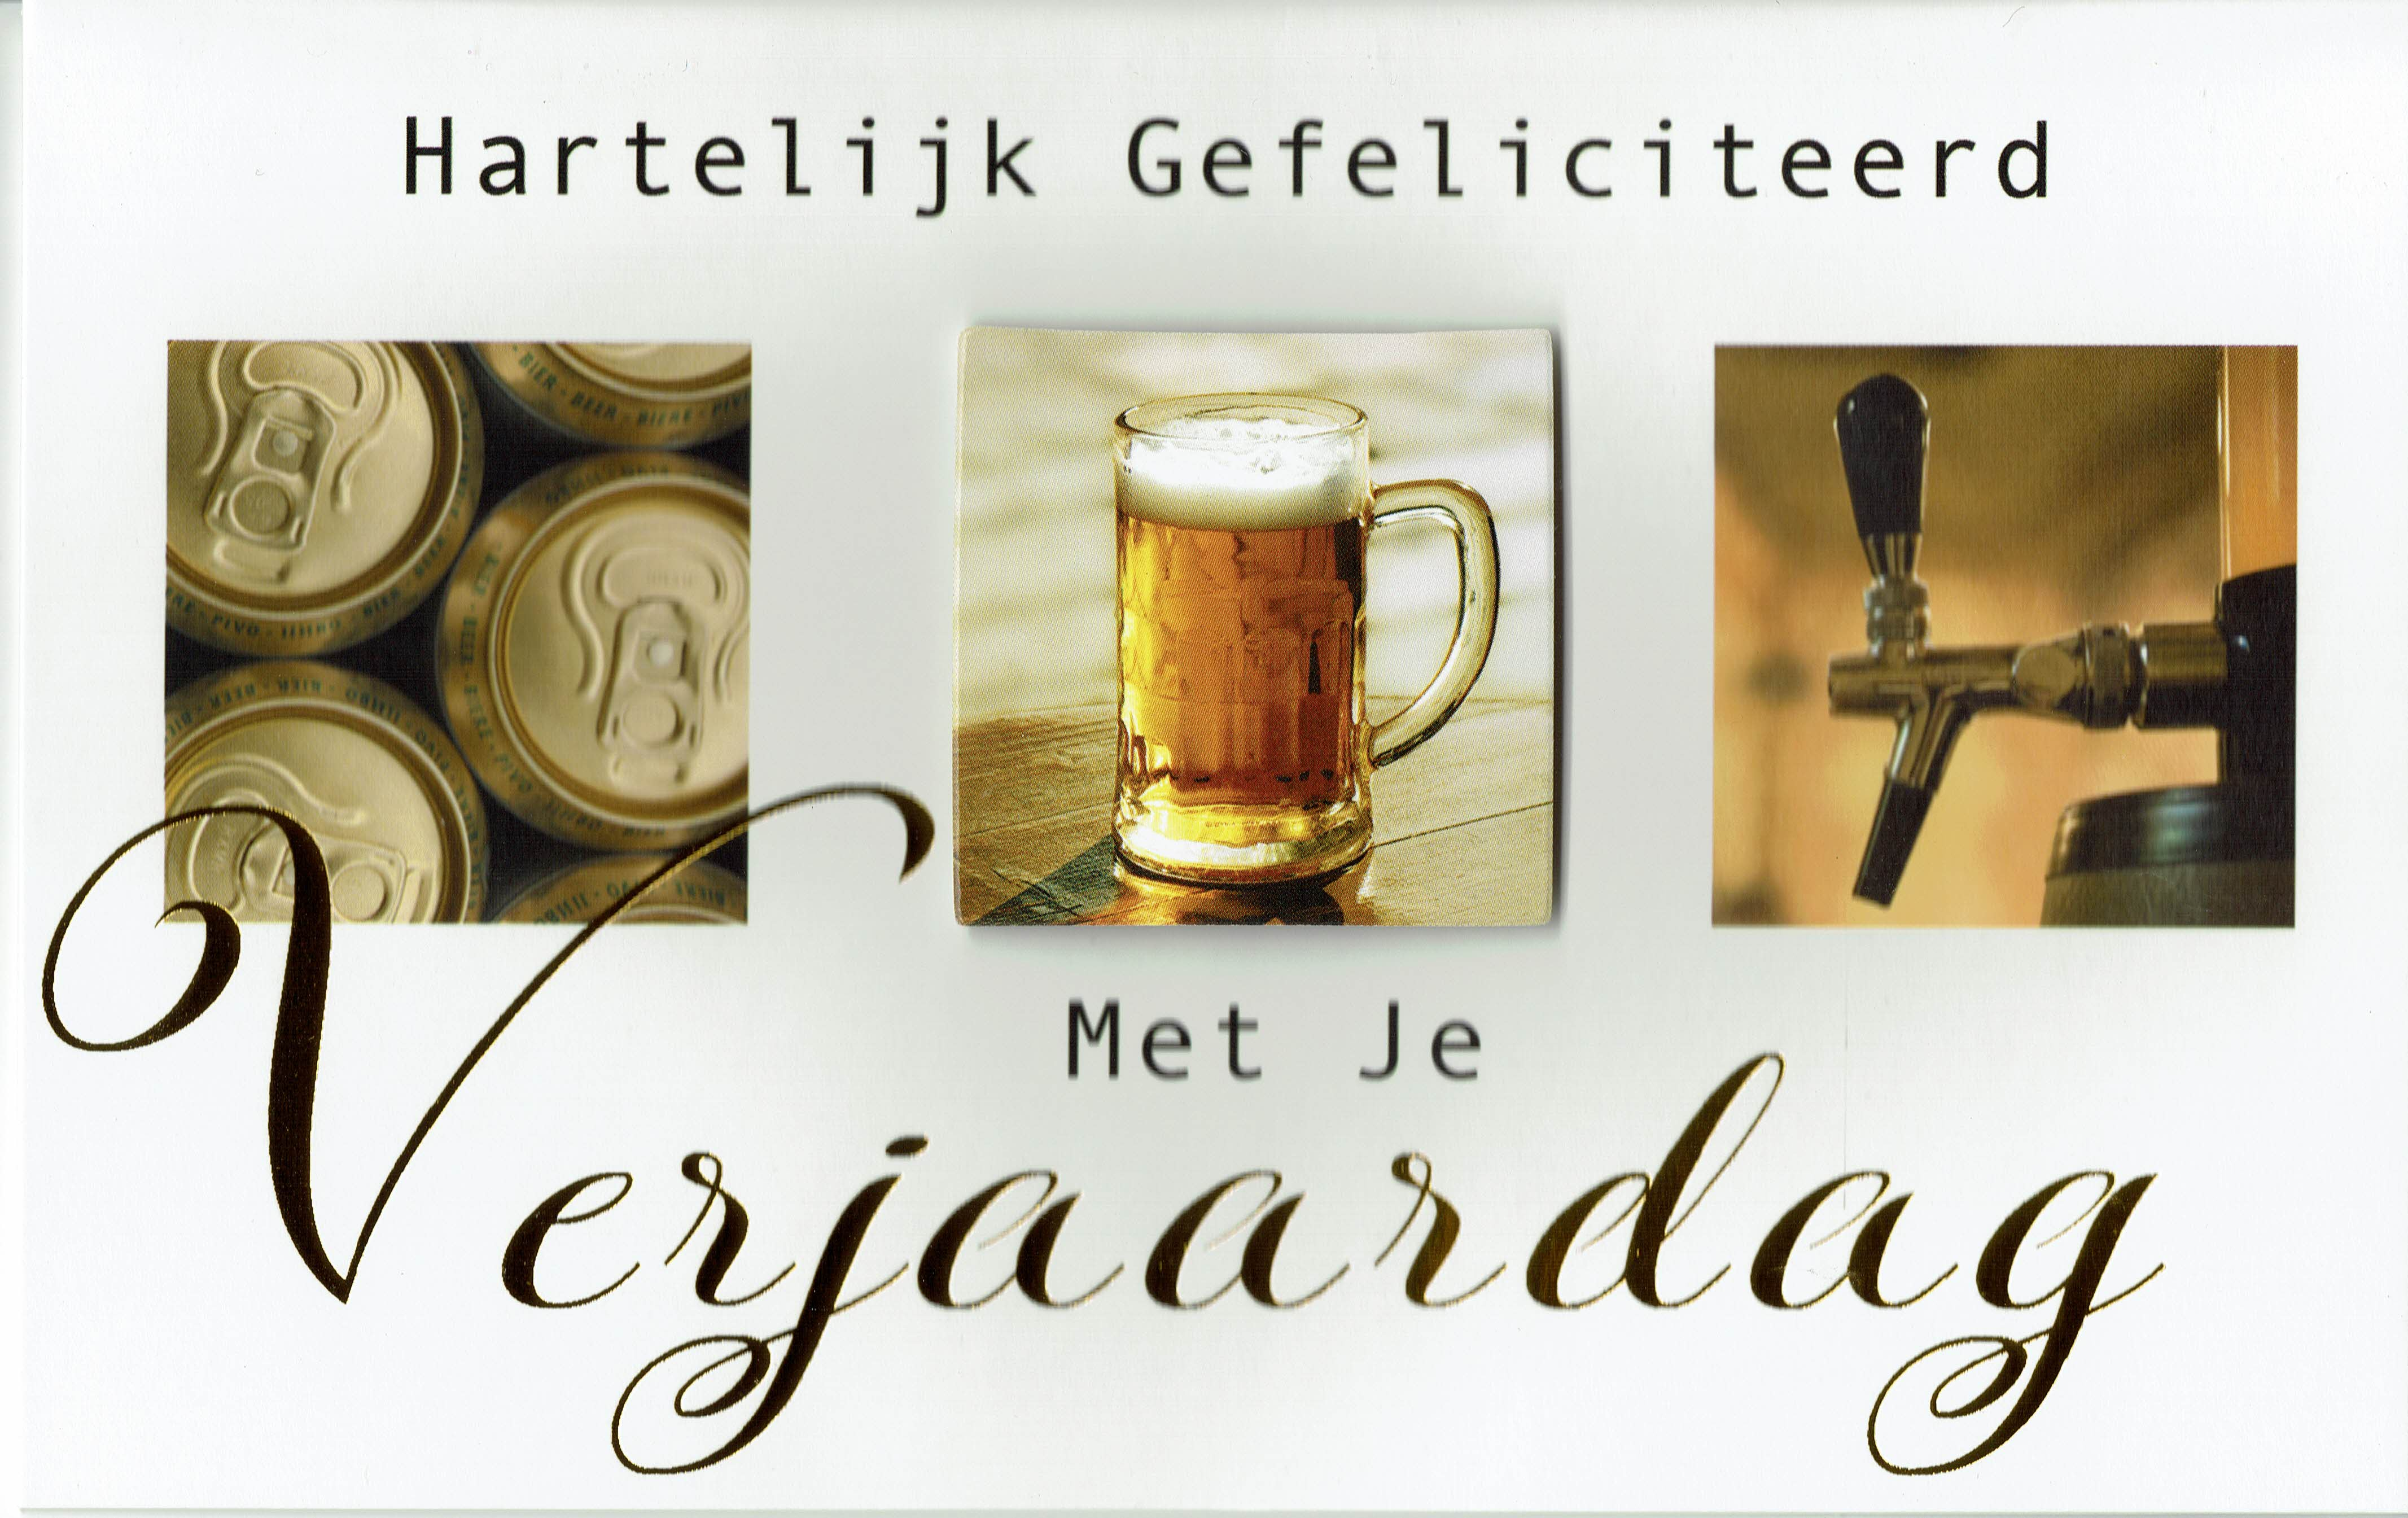 Verjaardagskaart Met Collage Van Bier